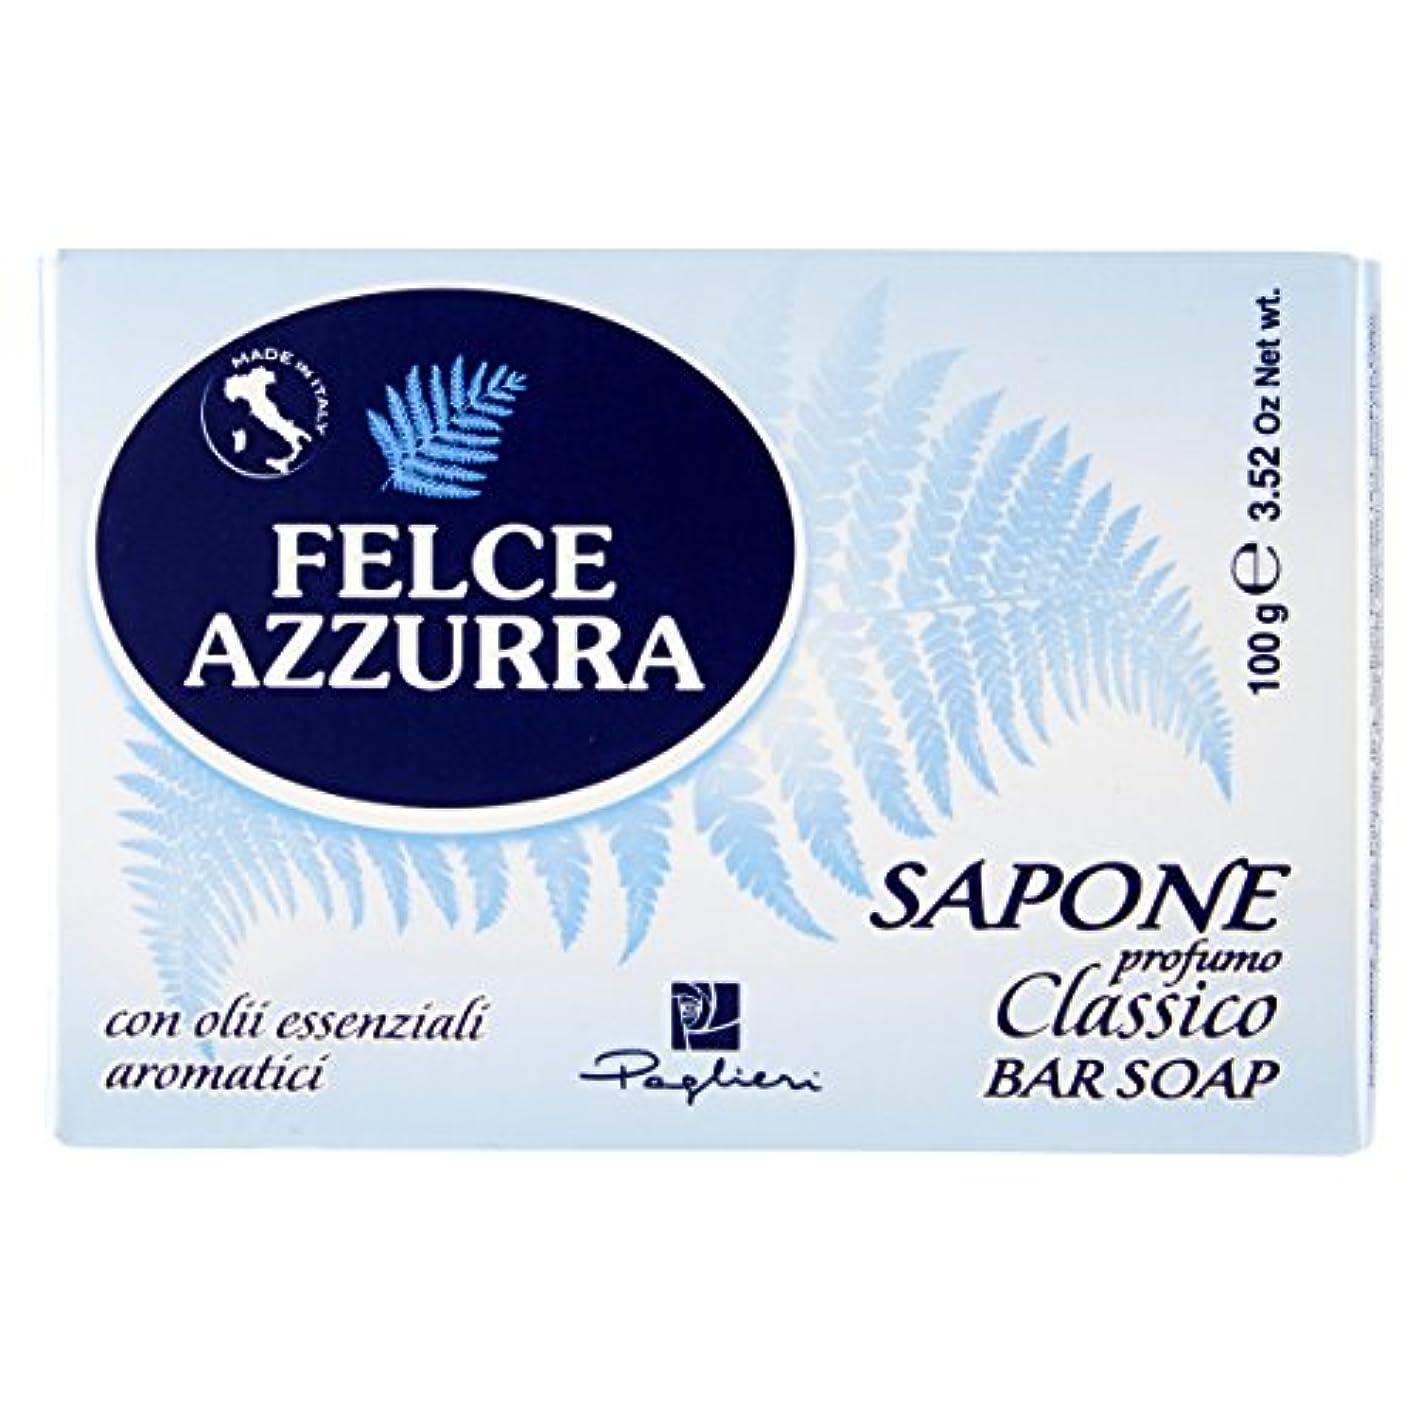 週間読書日付Felce Azzurra Classico Bar Soap 100g soap by Felce Azzurra by Felce Azzurra